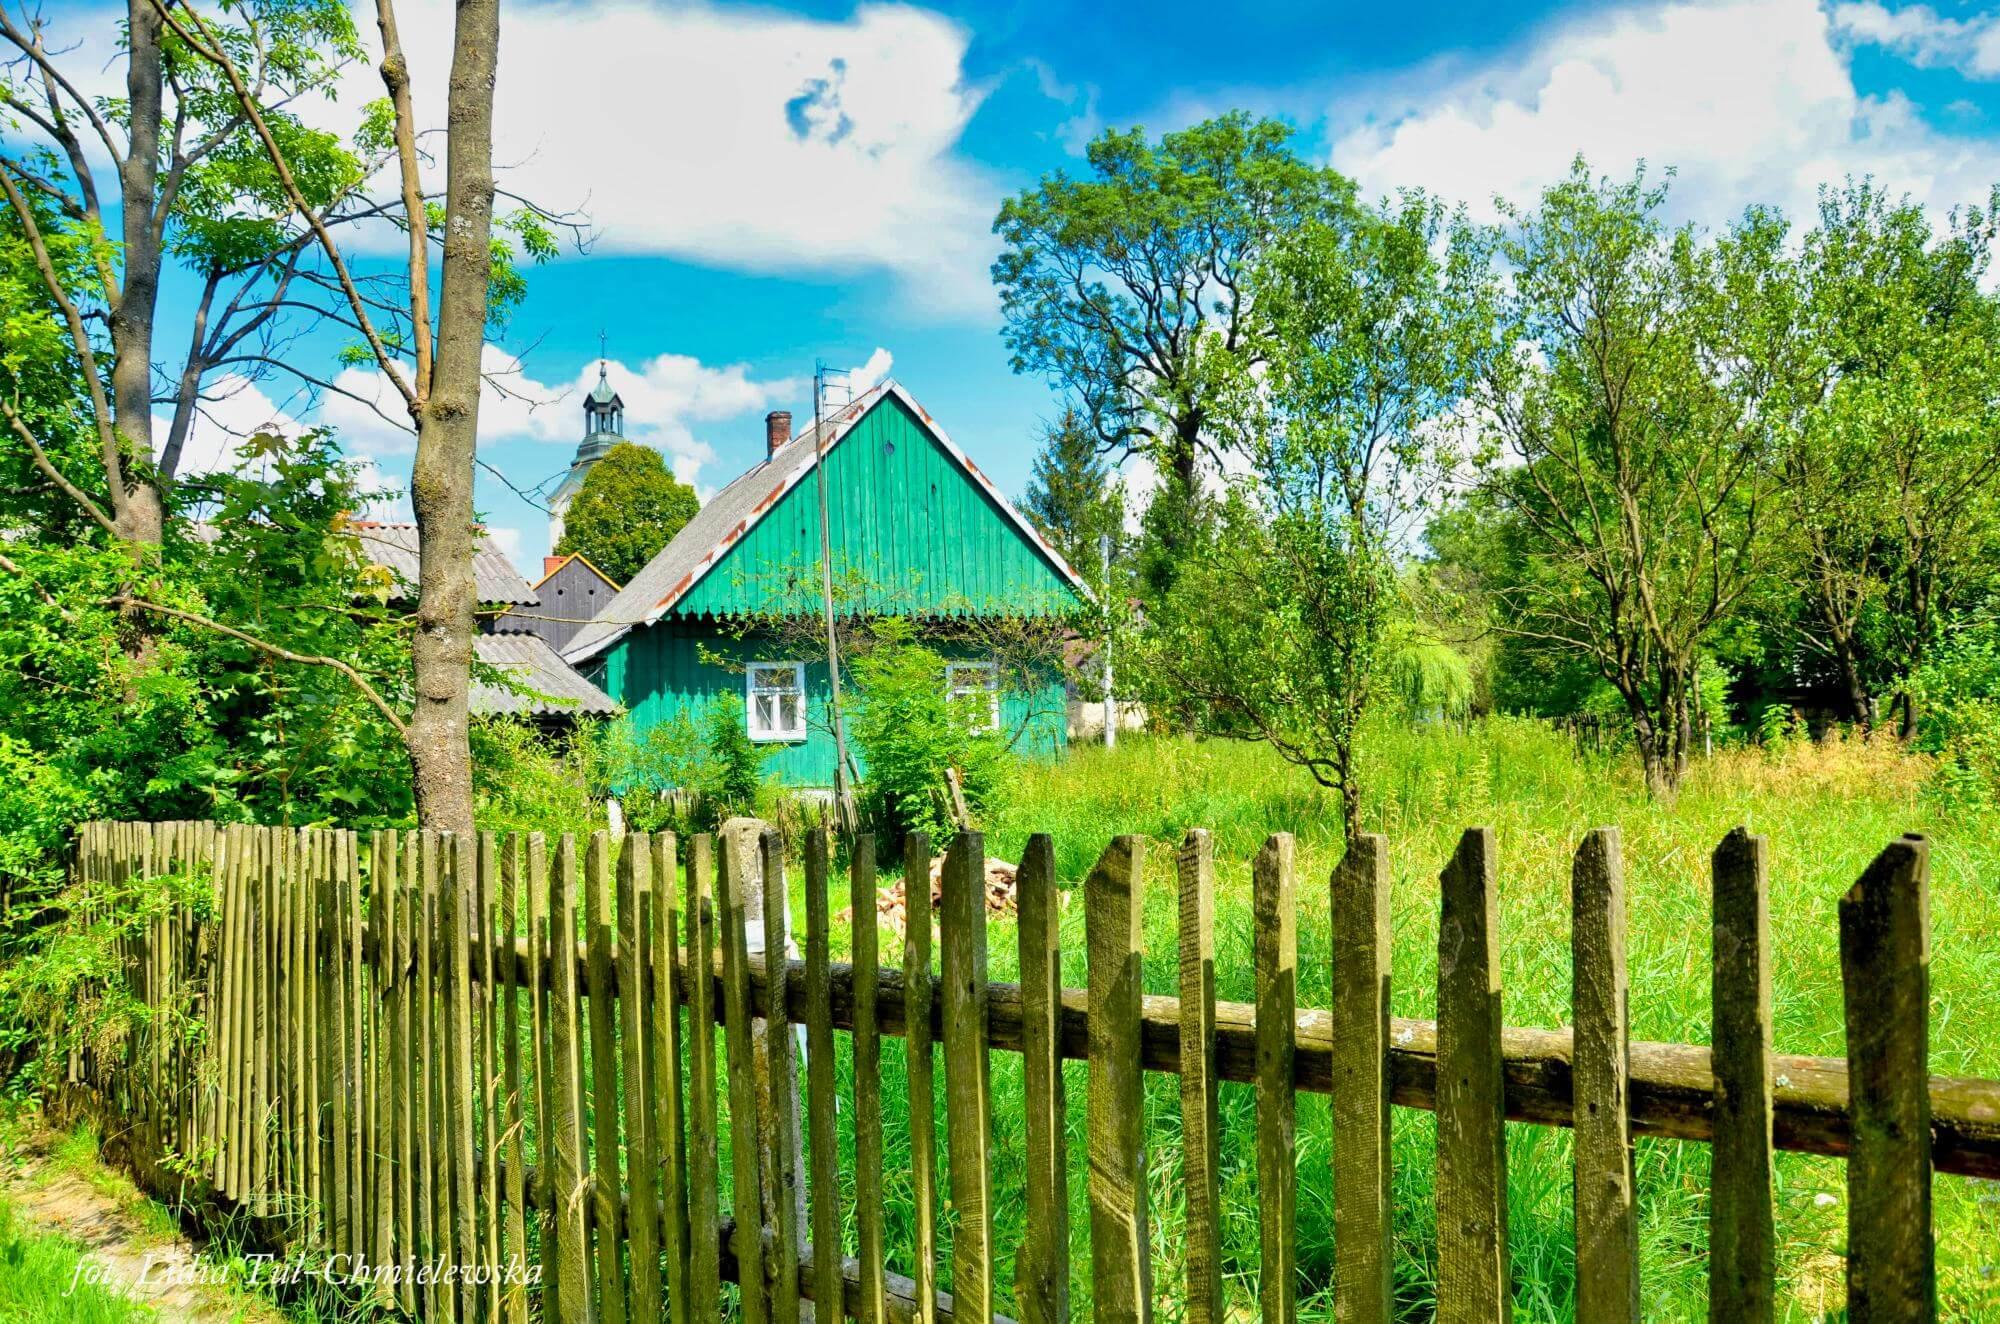 Jaśliska - wiejskie klimaty / fot. Lidia Tul-Chmielewska